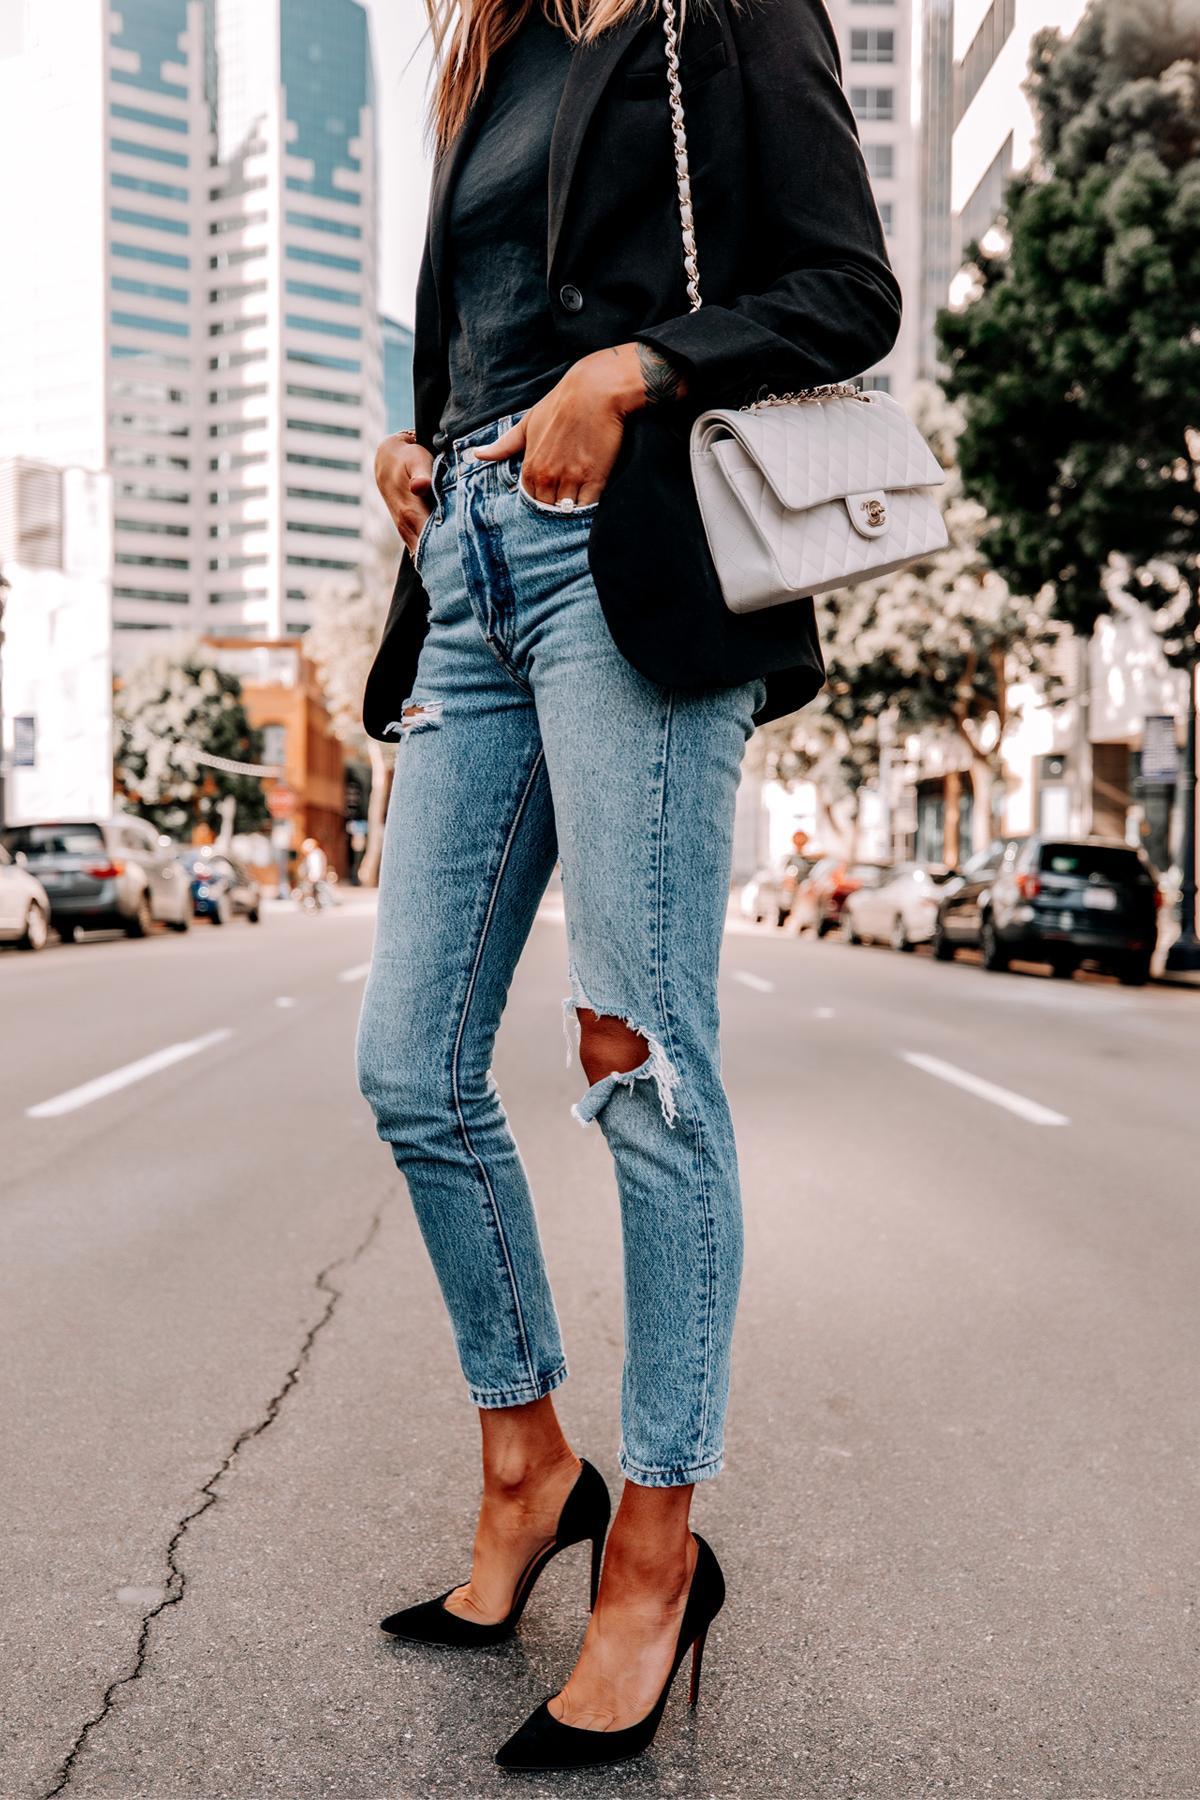 Fashion Jackson Wearing Everlane Black Blazer Black Tshirt Levis 501 Ripped Skinny Jeans Black Pumps Chanel White Medium Flap Bag